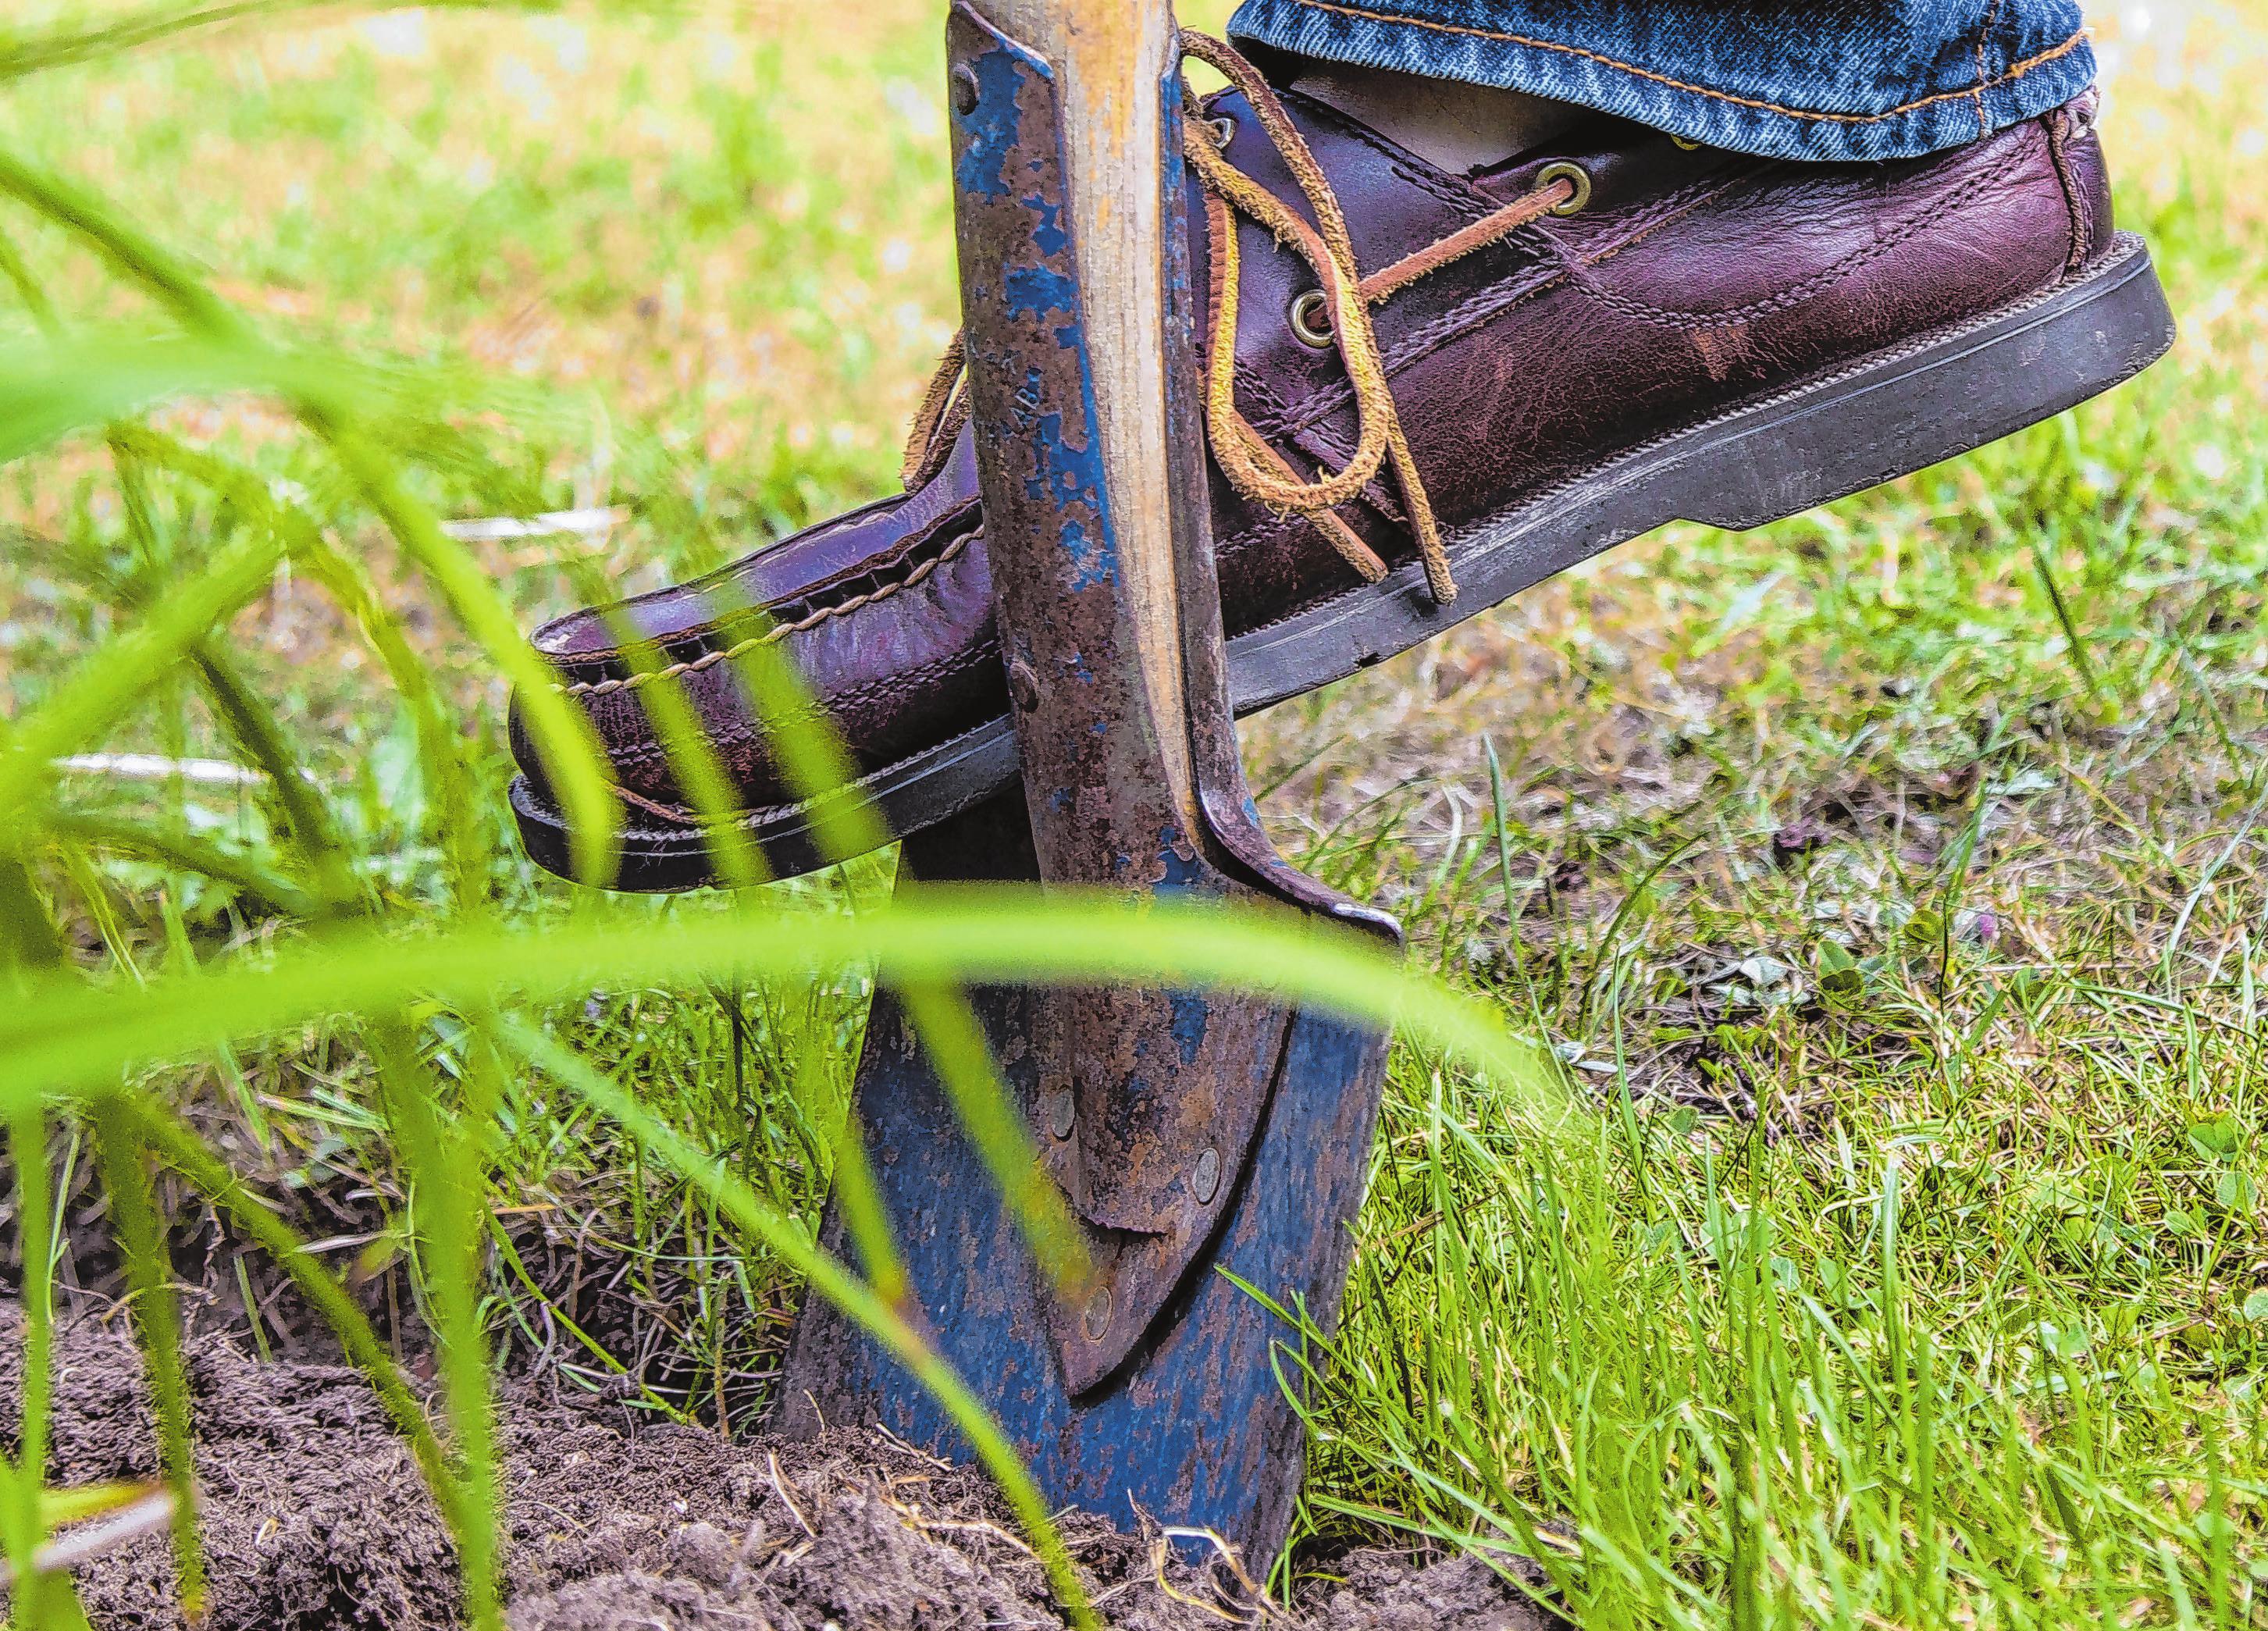 Um eine aussagekräftige Bodenprobe zu entnehmen, sollte man an mehreren Stellen etwas Erdreich mit dem Spaten ausheben. Foto: Christin Klose/dpa-mag